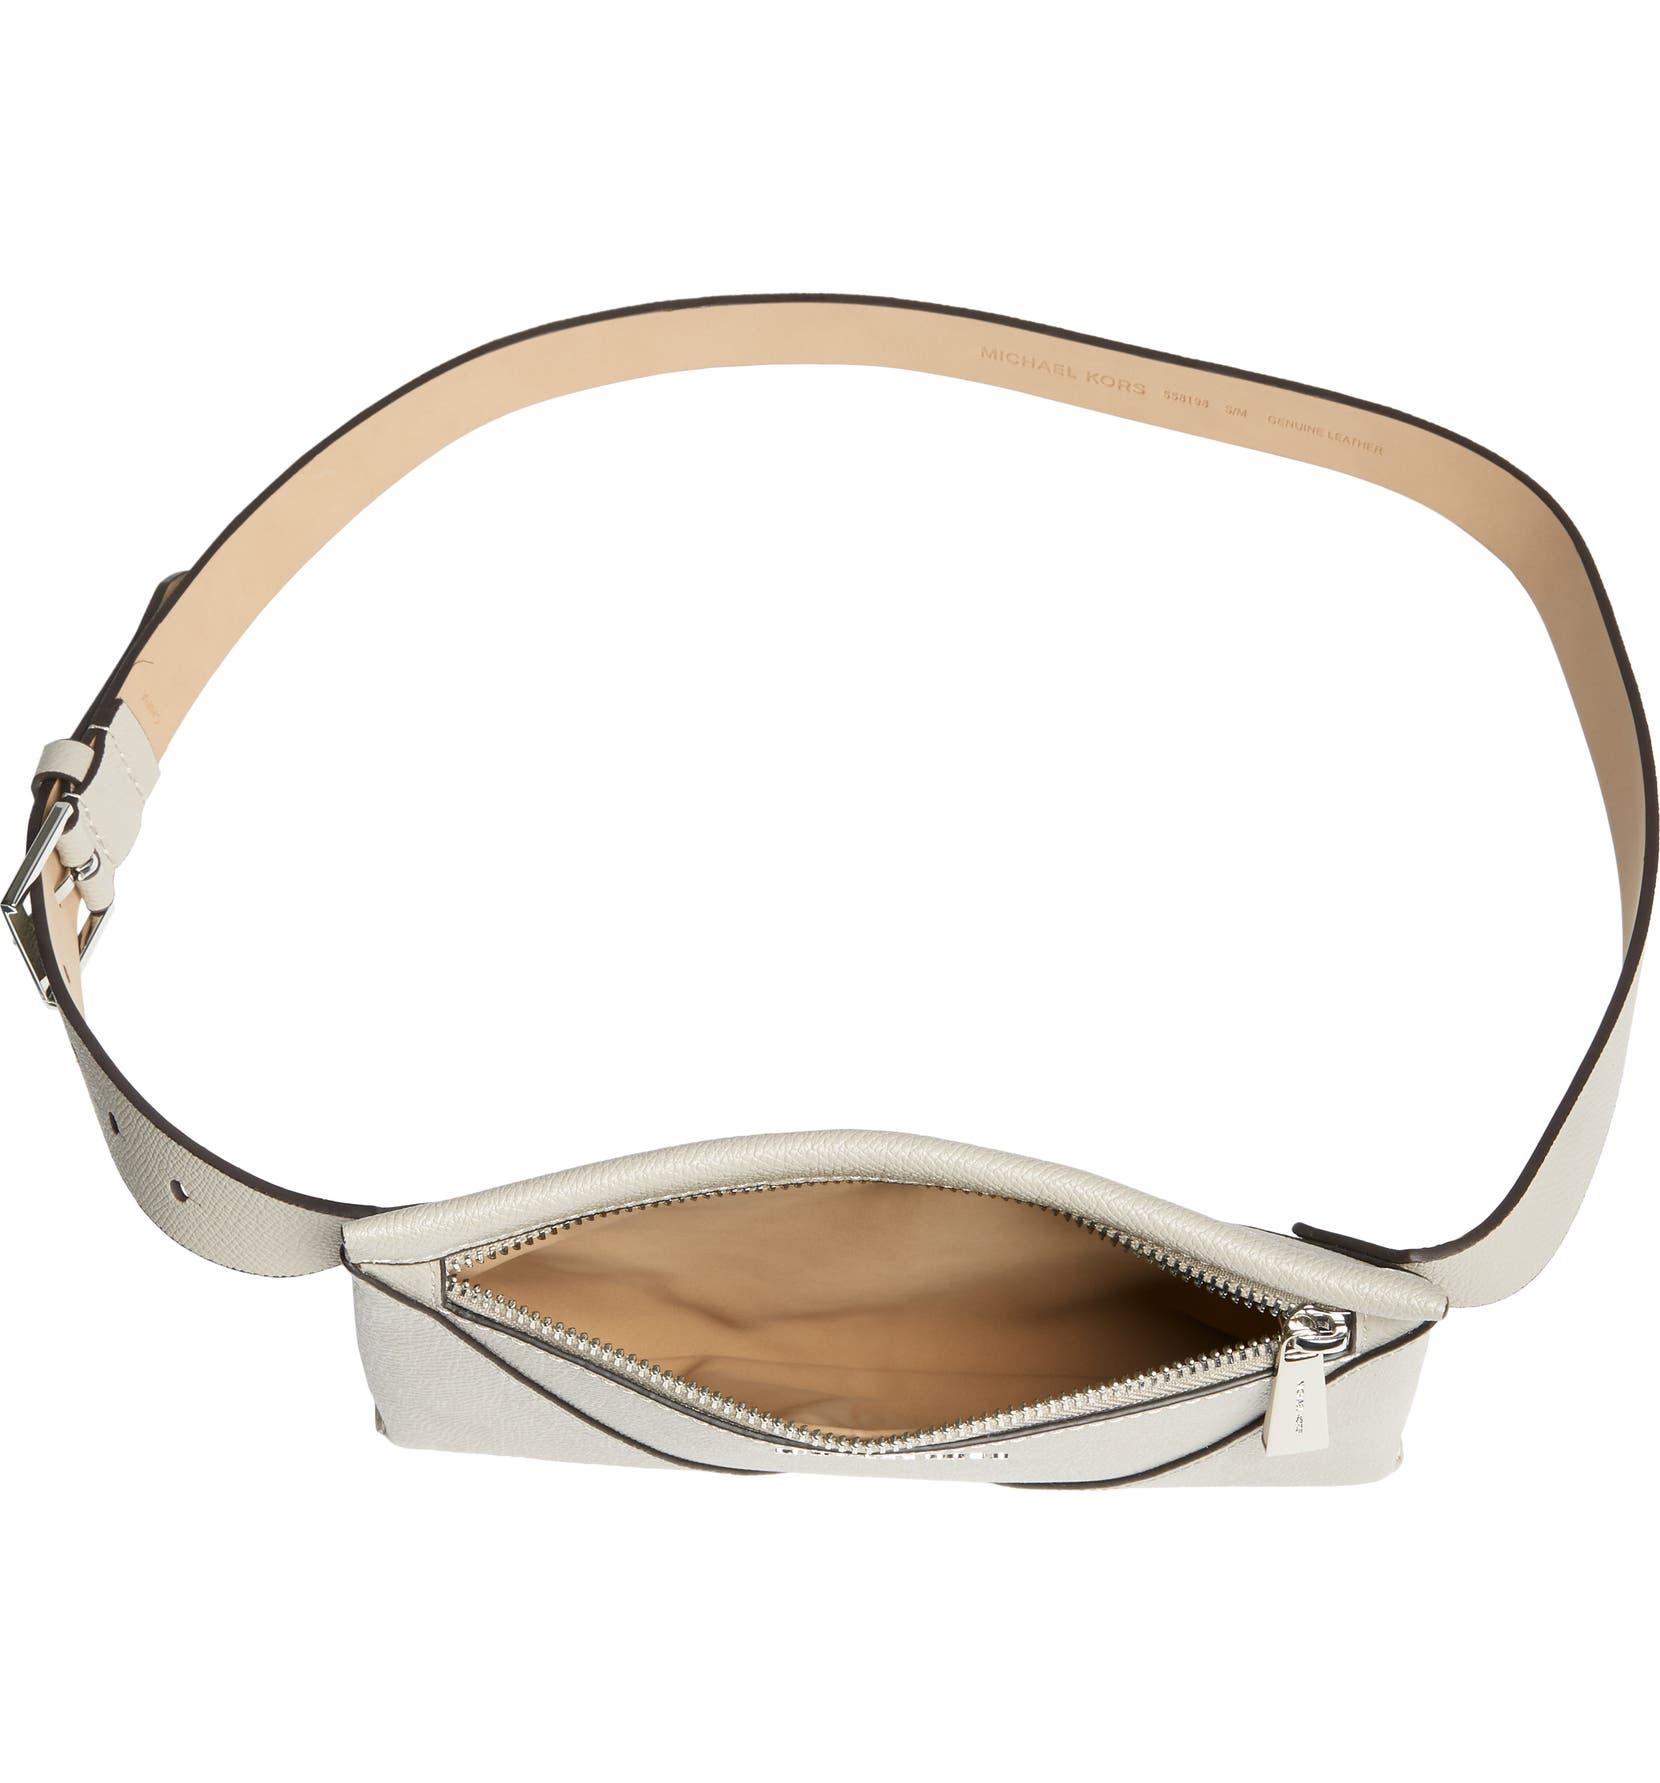 Michael Kors Saffiano Leather Belt Bag | Nordstrom